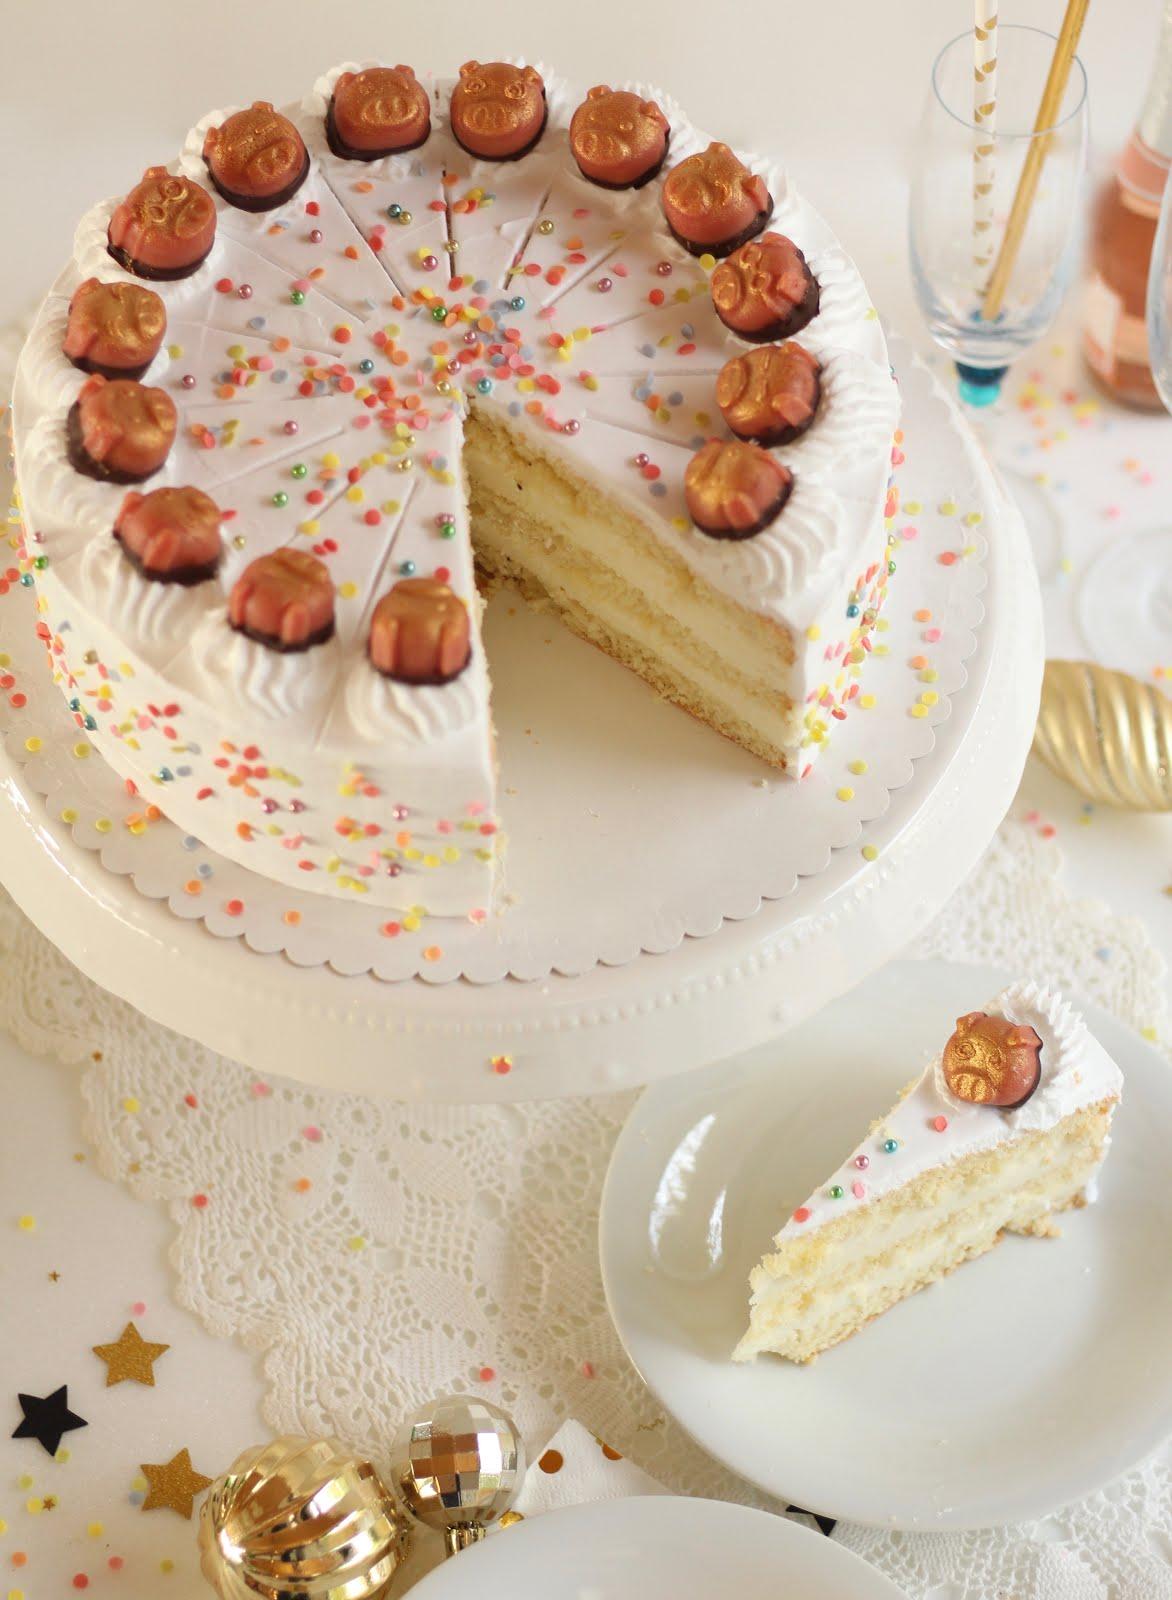 Super leckere Silvester Torte mit Sektcreme - Rezept und Video von Sugarprincess | SCCC 2019: Türchen Nr. 22 | Gewinnspiel